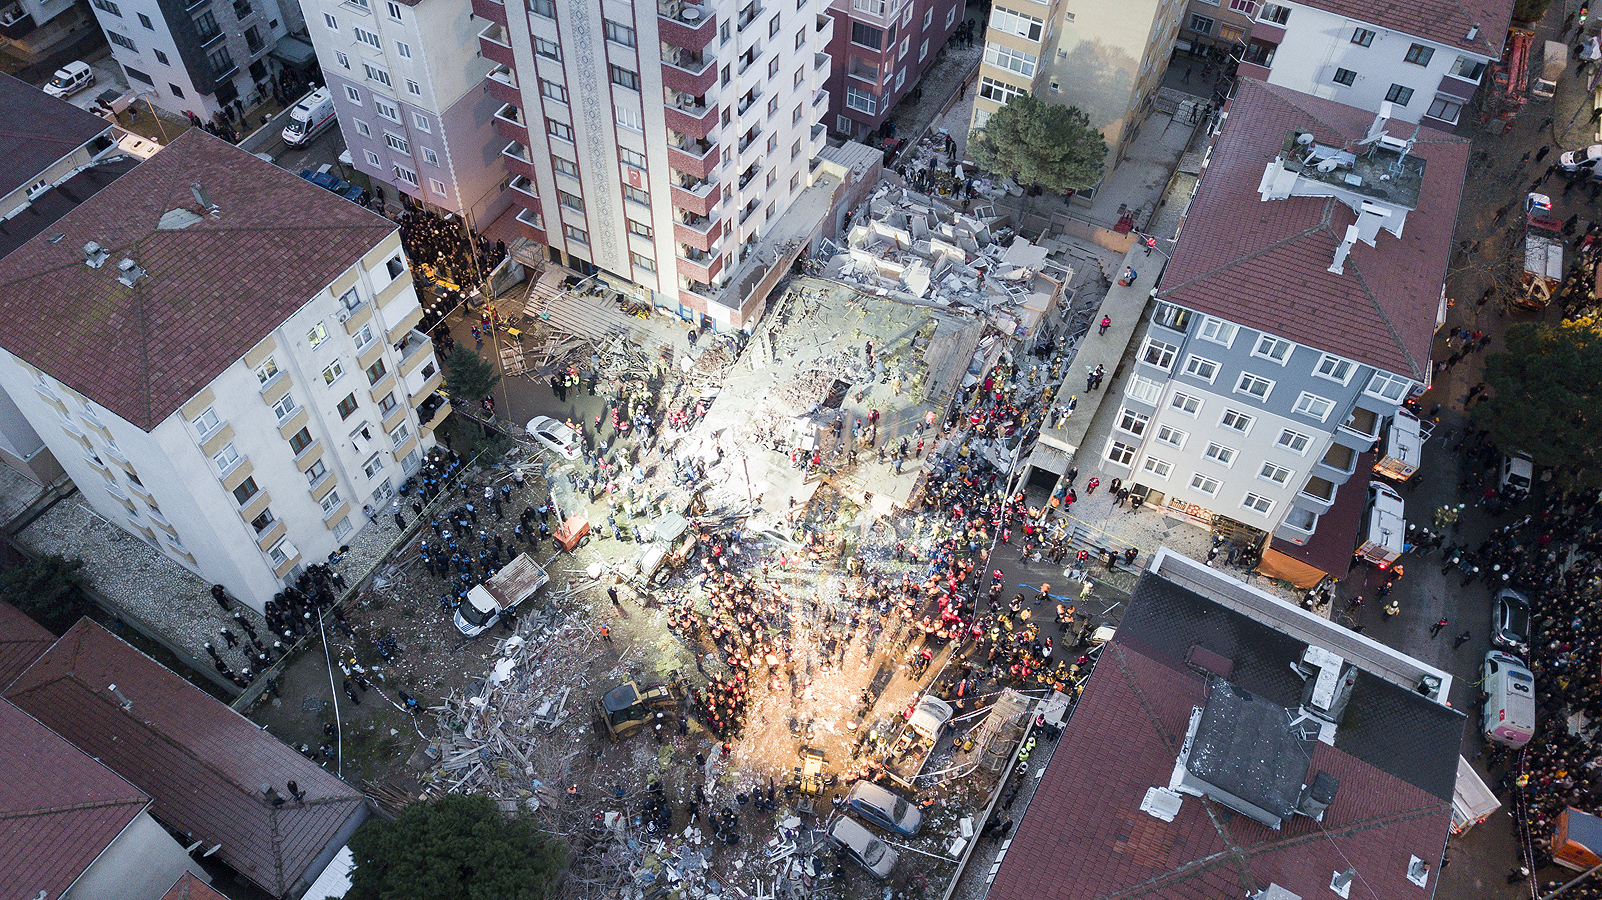 """Осеметажен жилищен блок се е срутил в квартал """"Картал"""" на азиатския бряг на Истанбул. По първоначални данни, от турските медии, един човек е загинал, има и ранени, но не е известно точно колко, информира БТА."""